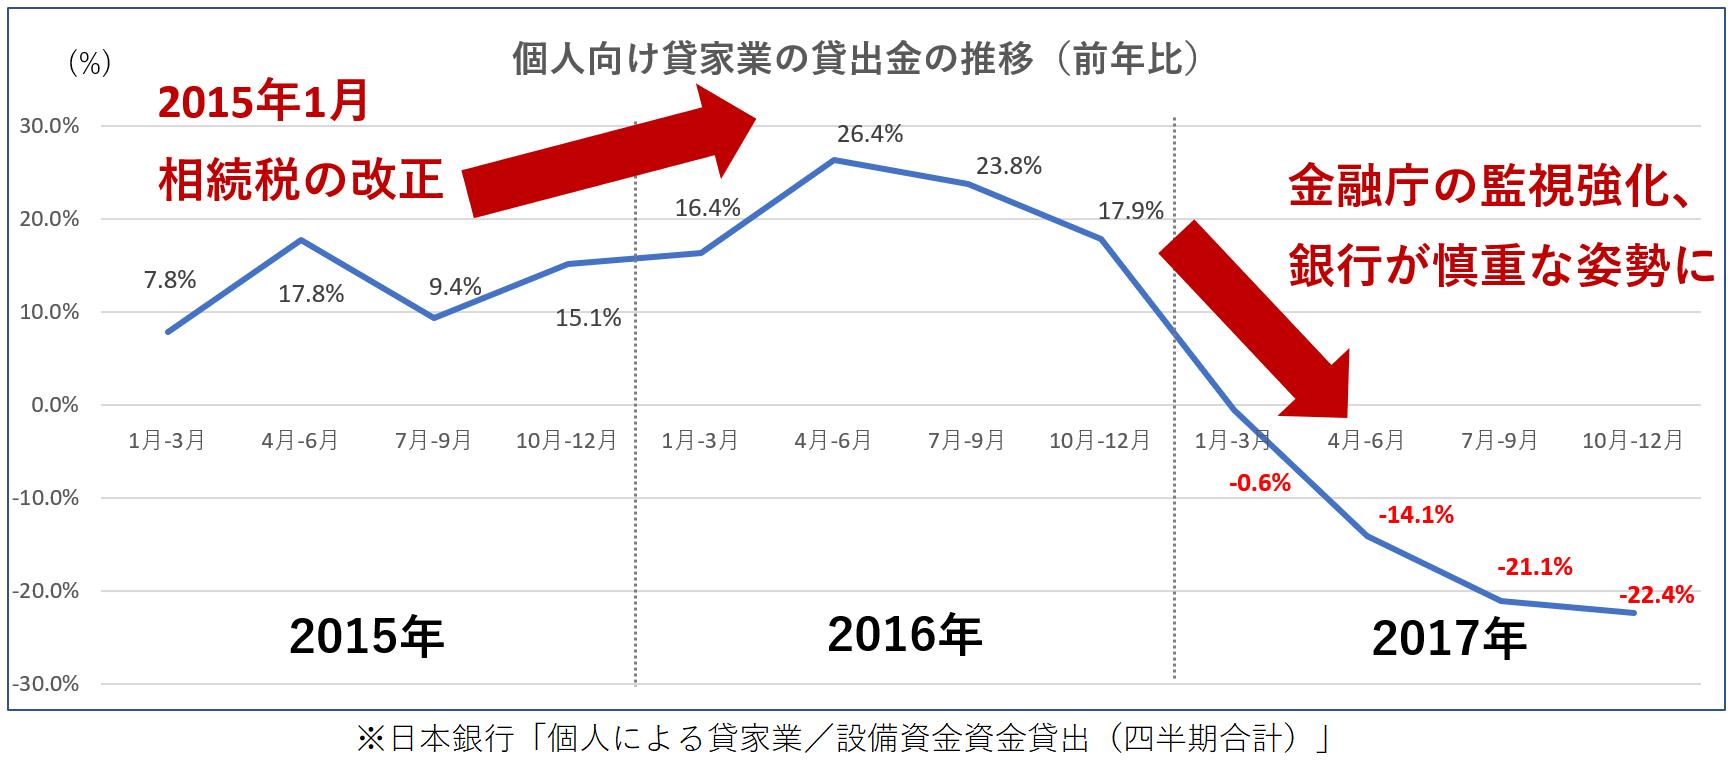 アパートローンの前年比推移